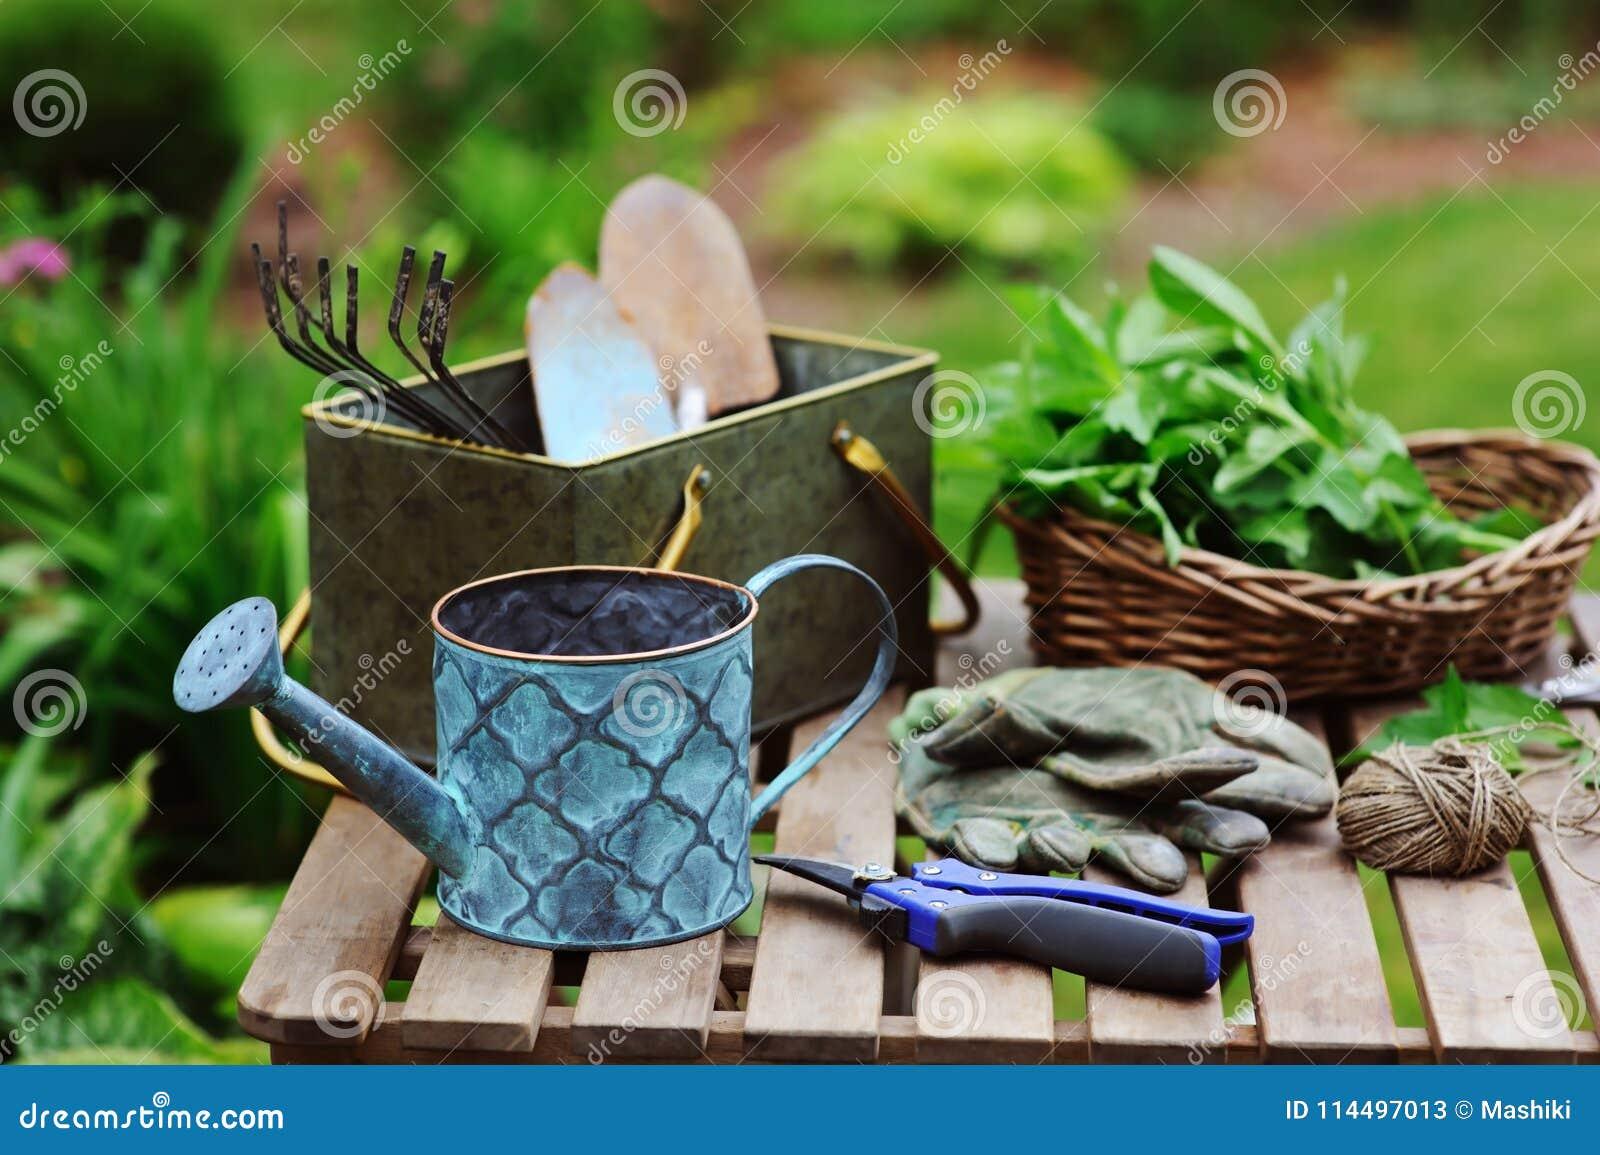 Ernte der frischen organischen Minze von eigenem Garten Sommer gardenwork auf Bauernhof